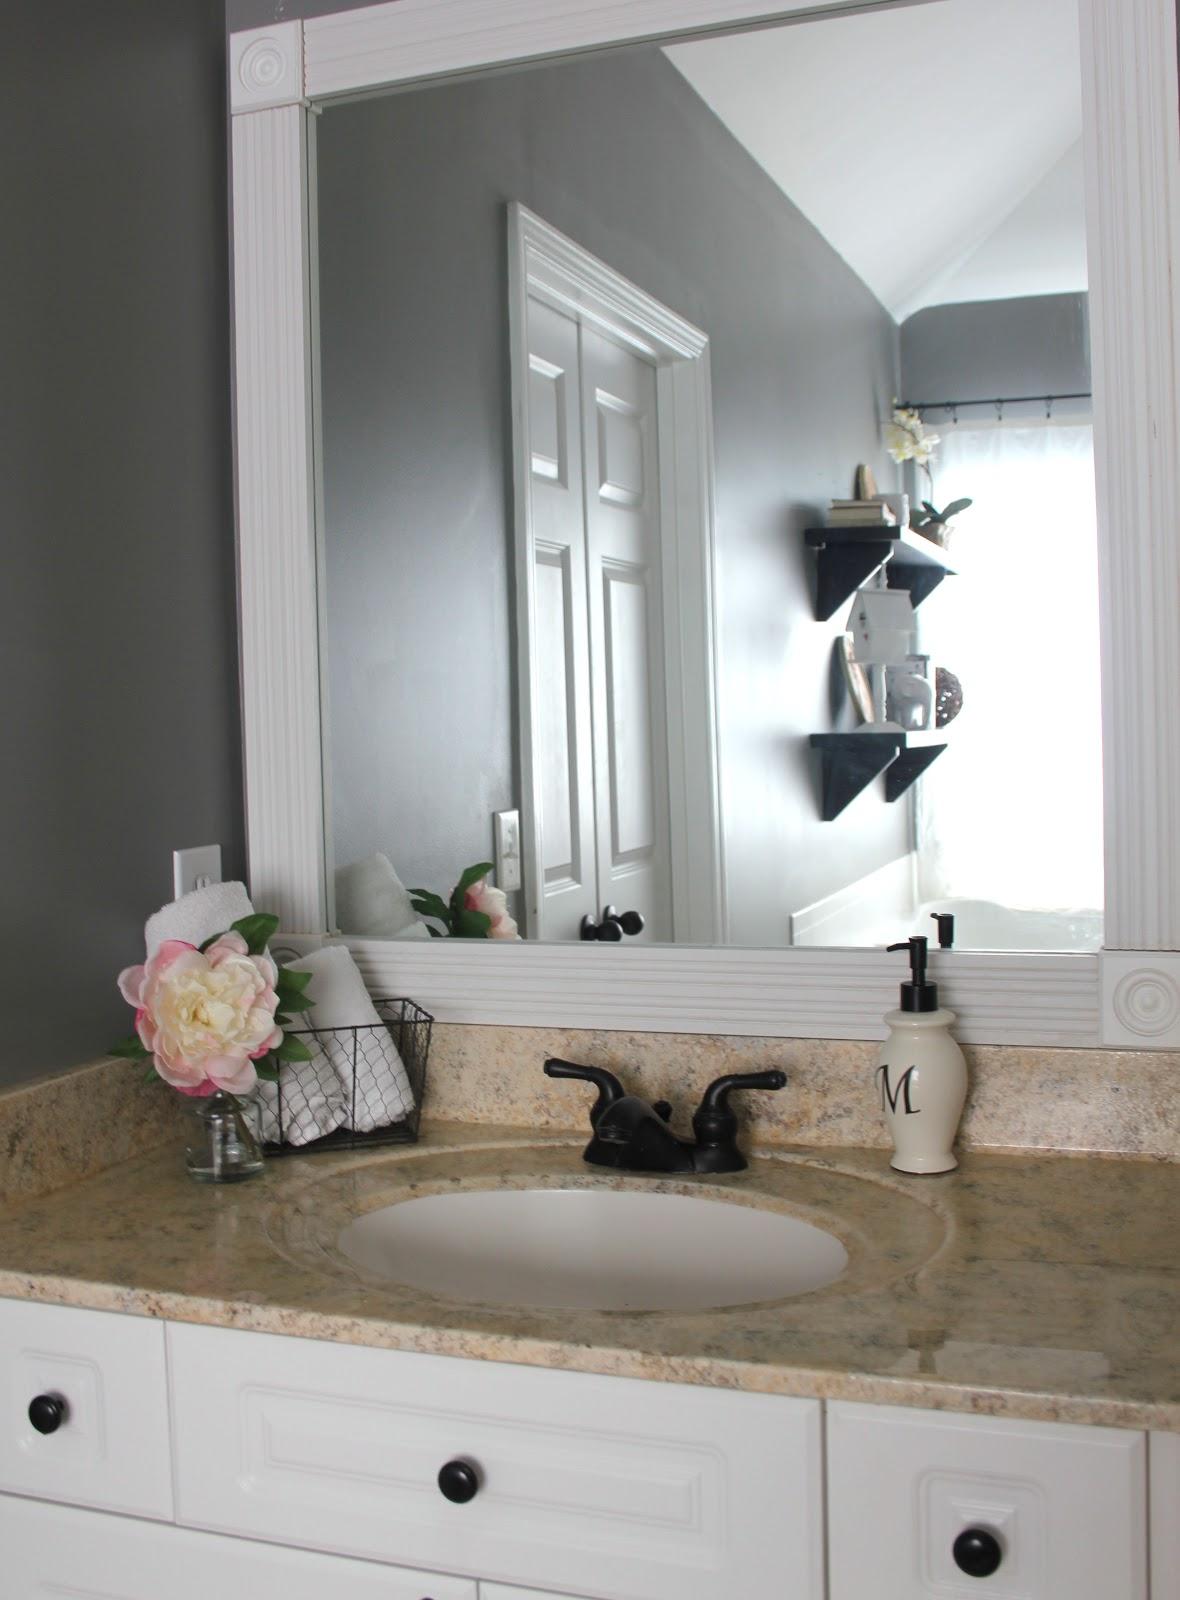 100 frame bathroom mirror diy diy framed mirror using stand